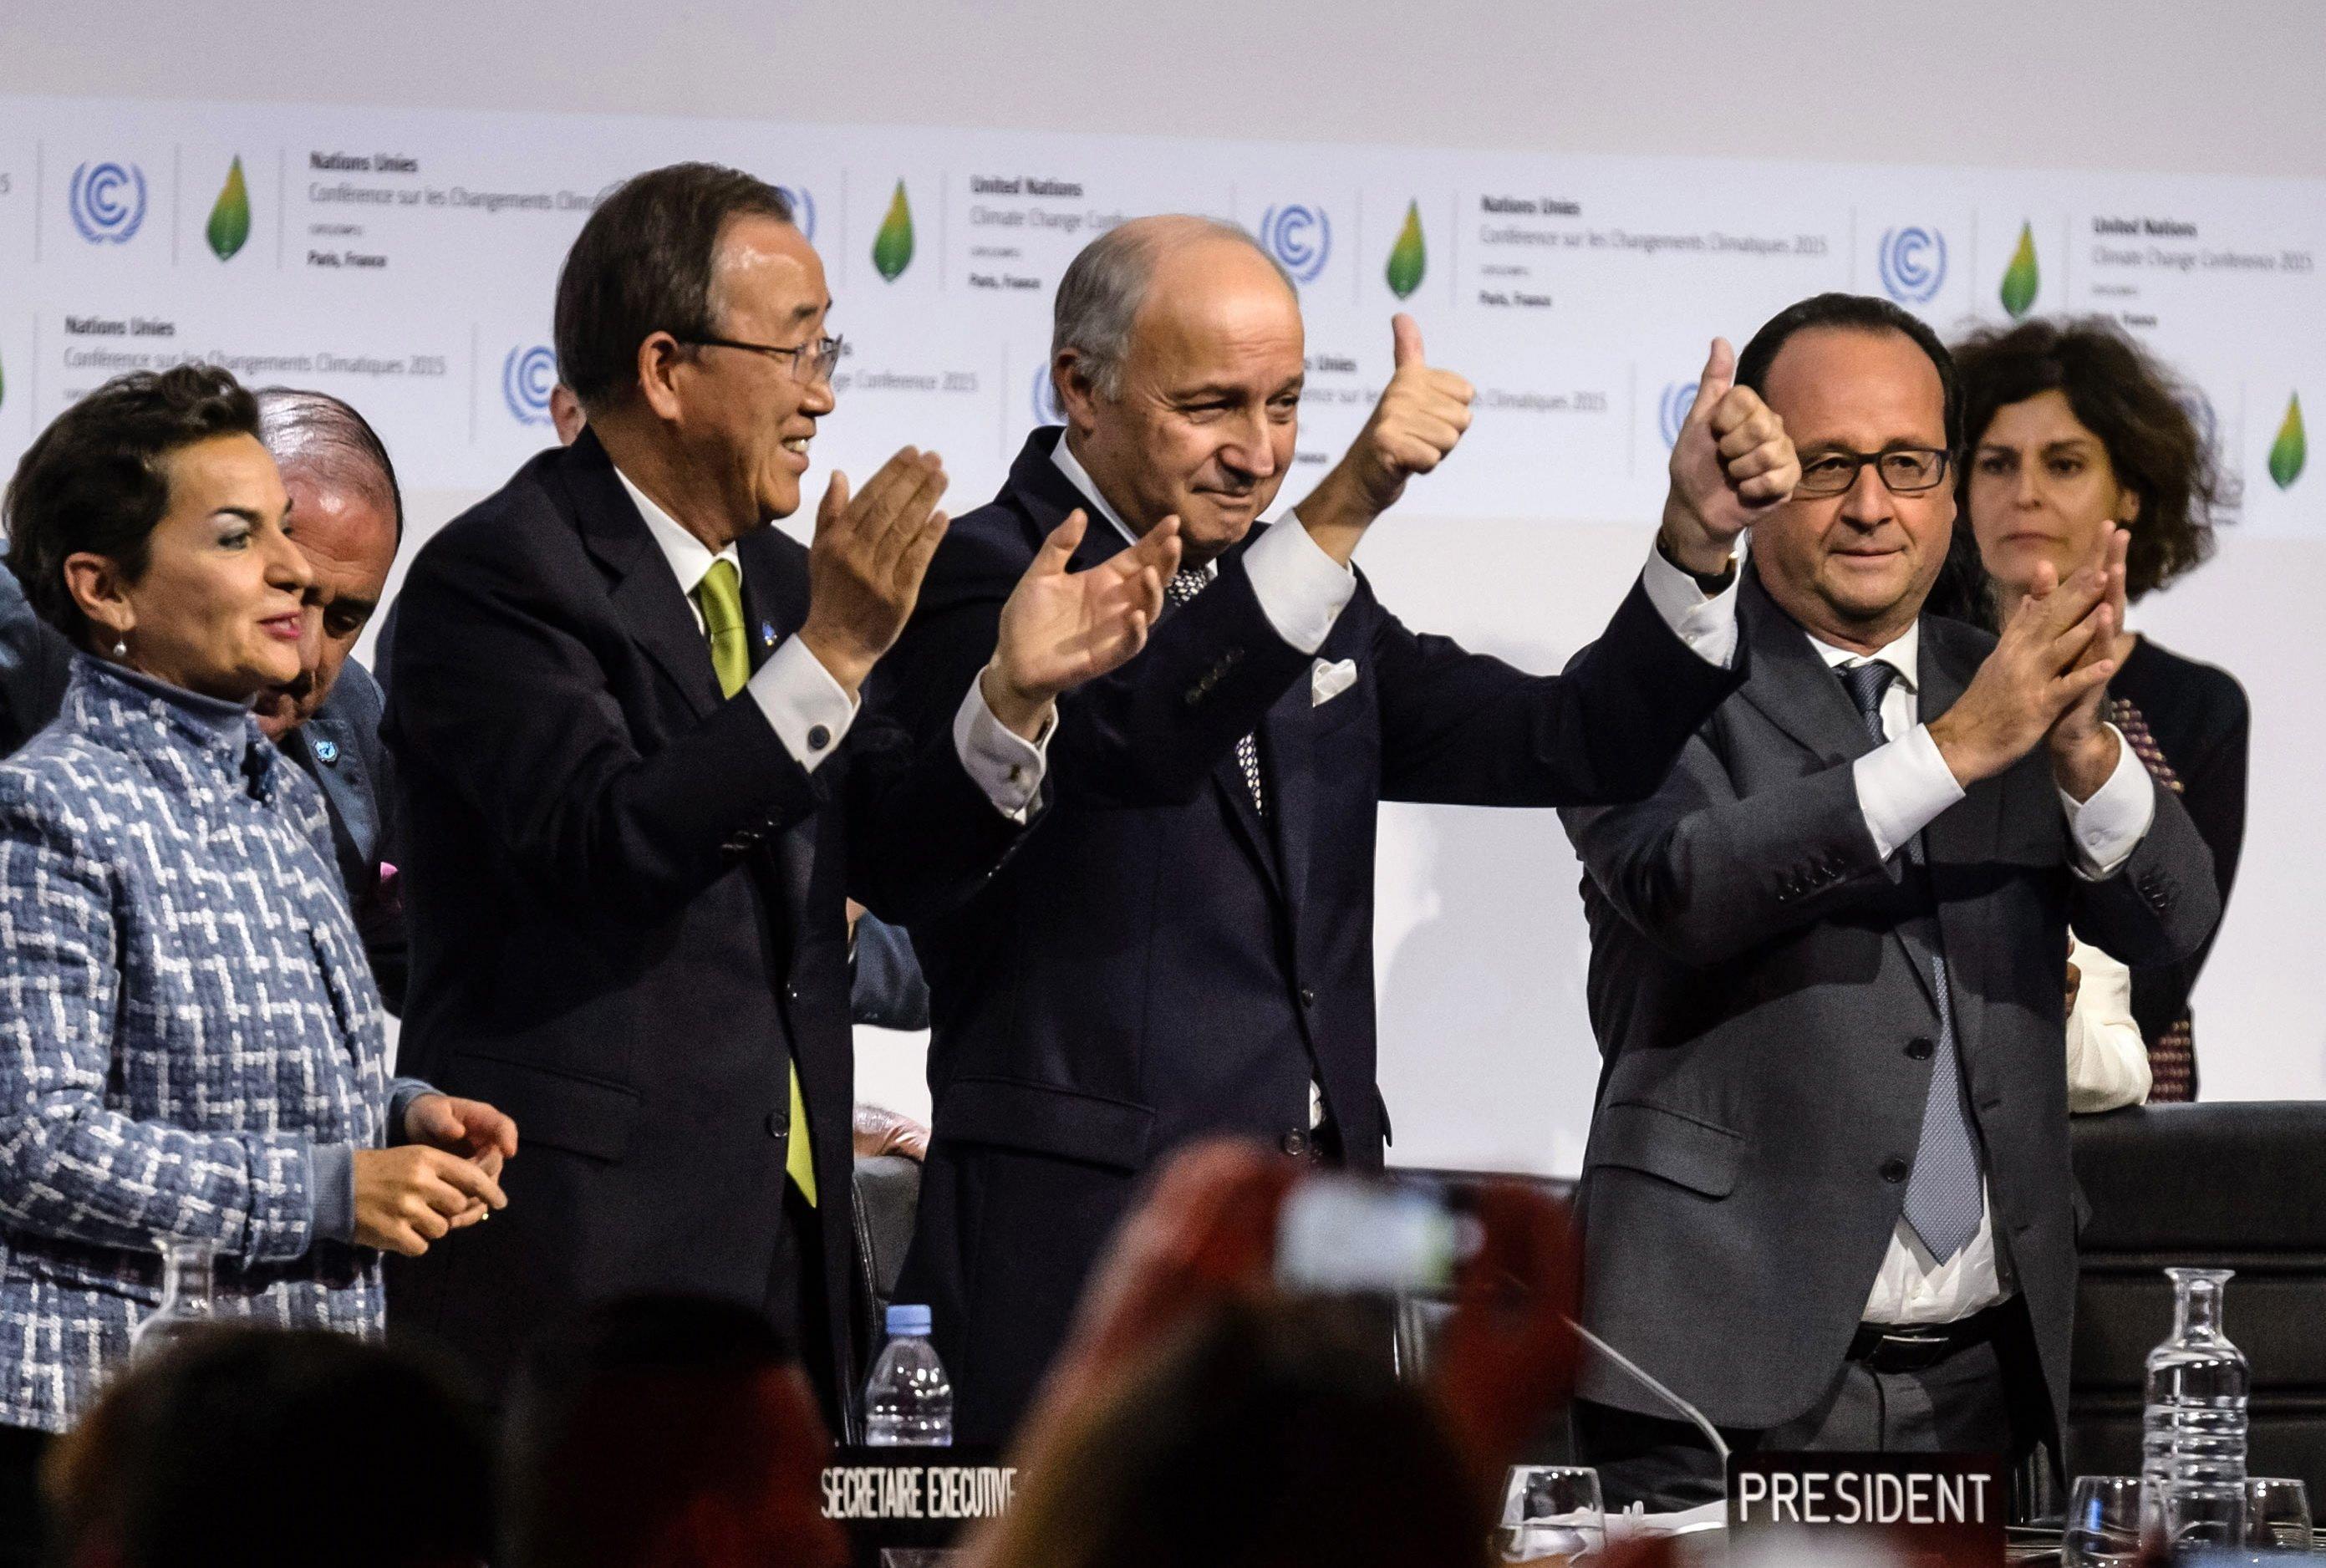 Mit einem so ehrgeizigen Abschlussdokument hatte im Vorfeld der Weltklimakonferenz in Paris niemand gerechnet: Über das Ergebnis freuen sich (v.r.n.l.)UN-Klimachefin Christiana Figueres,UN-Generalsekretär Ban Ki-moon,Frankreichs Außenminister und Konzerenzchef Laurent Fabius und Frankreichs Präsident Francois Hollande.